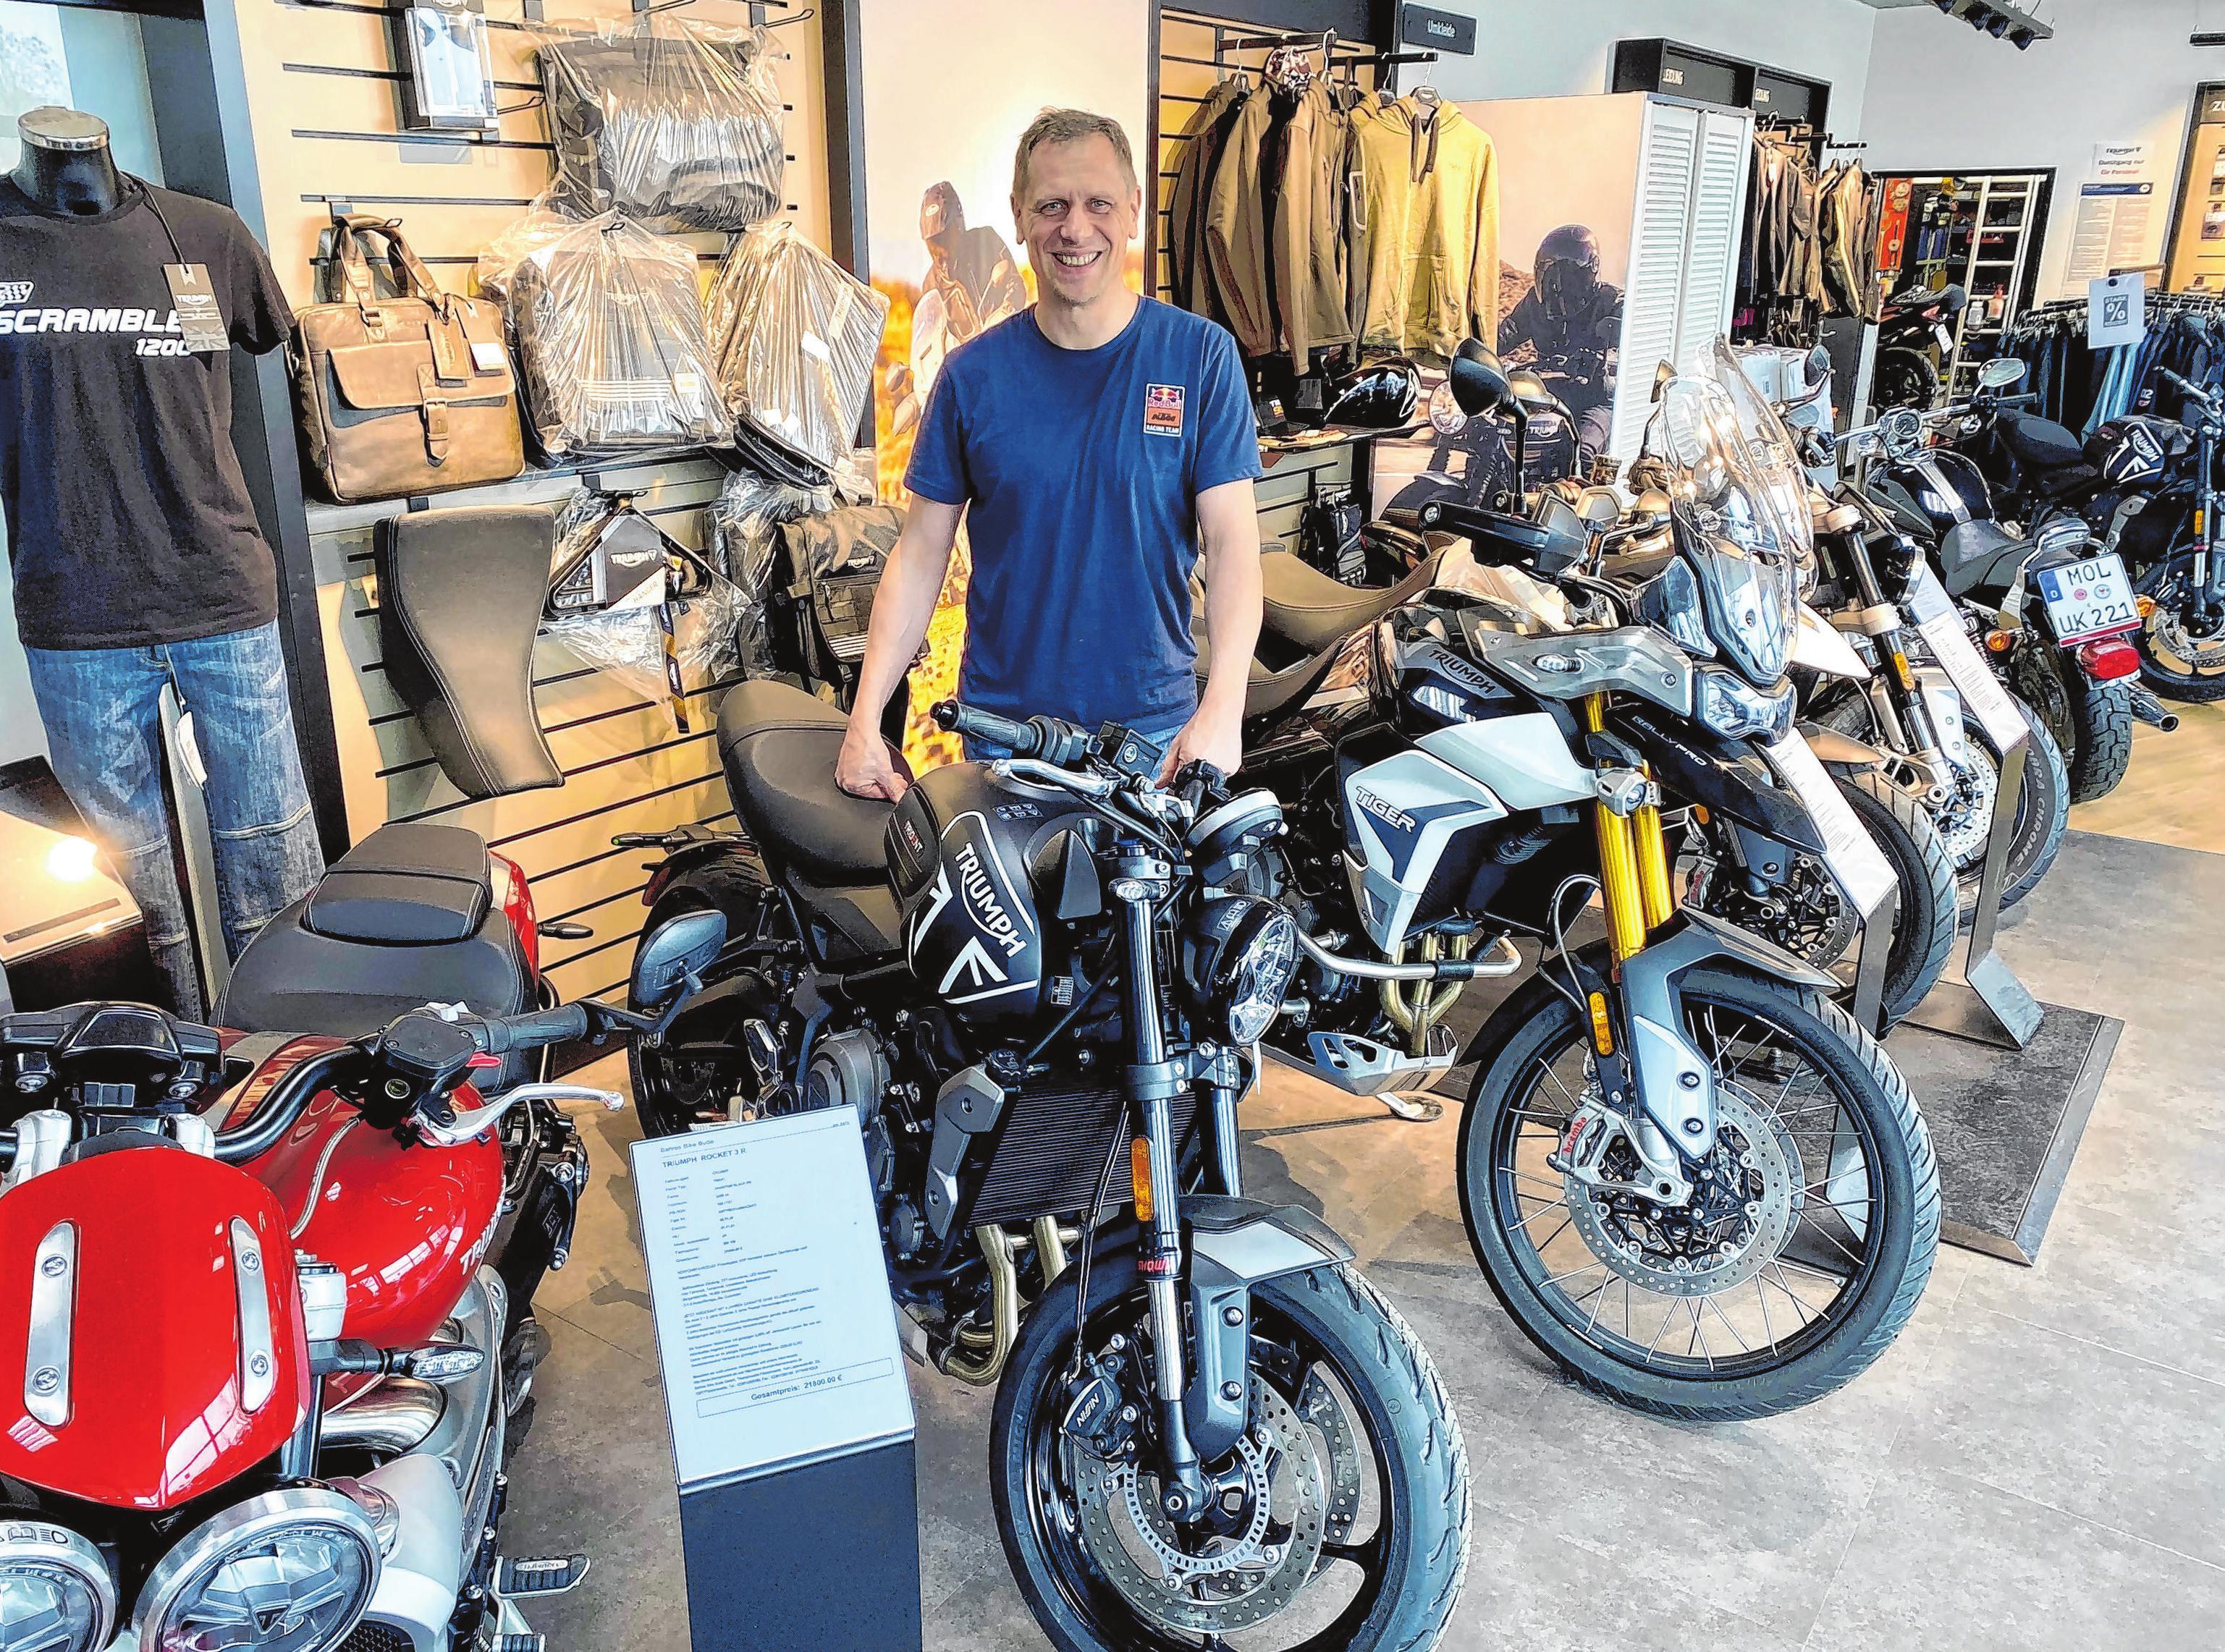 Ein neues Highlight in der vielfältigen Motorradausstellung von Bahros Bike Bude ist die 600 cm³ Trident (81 PS und einem Spitzendrehmoment von 64 Nm) von Triumph.